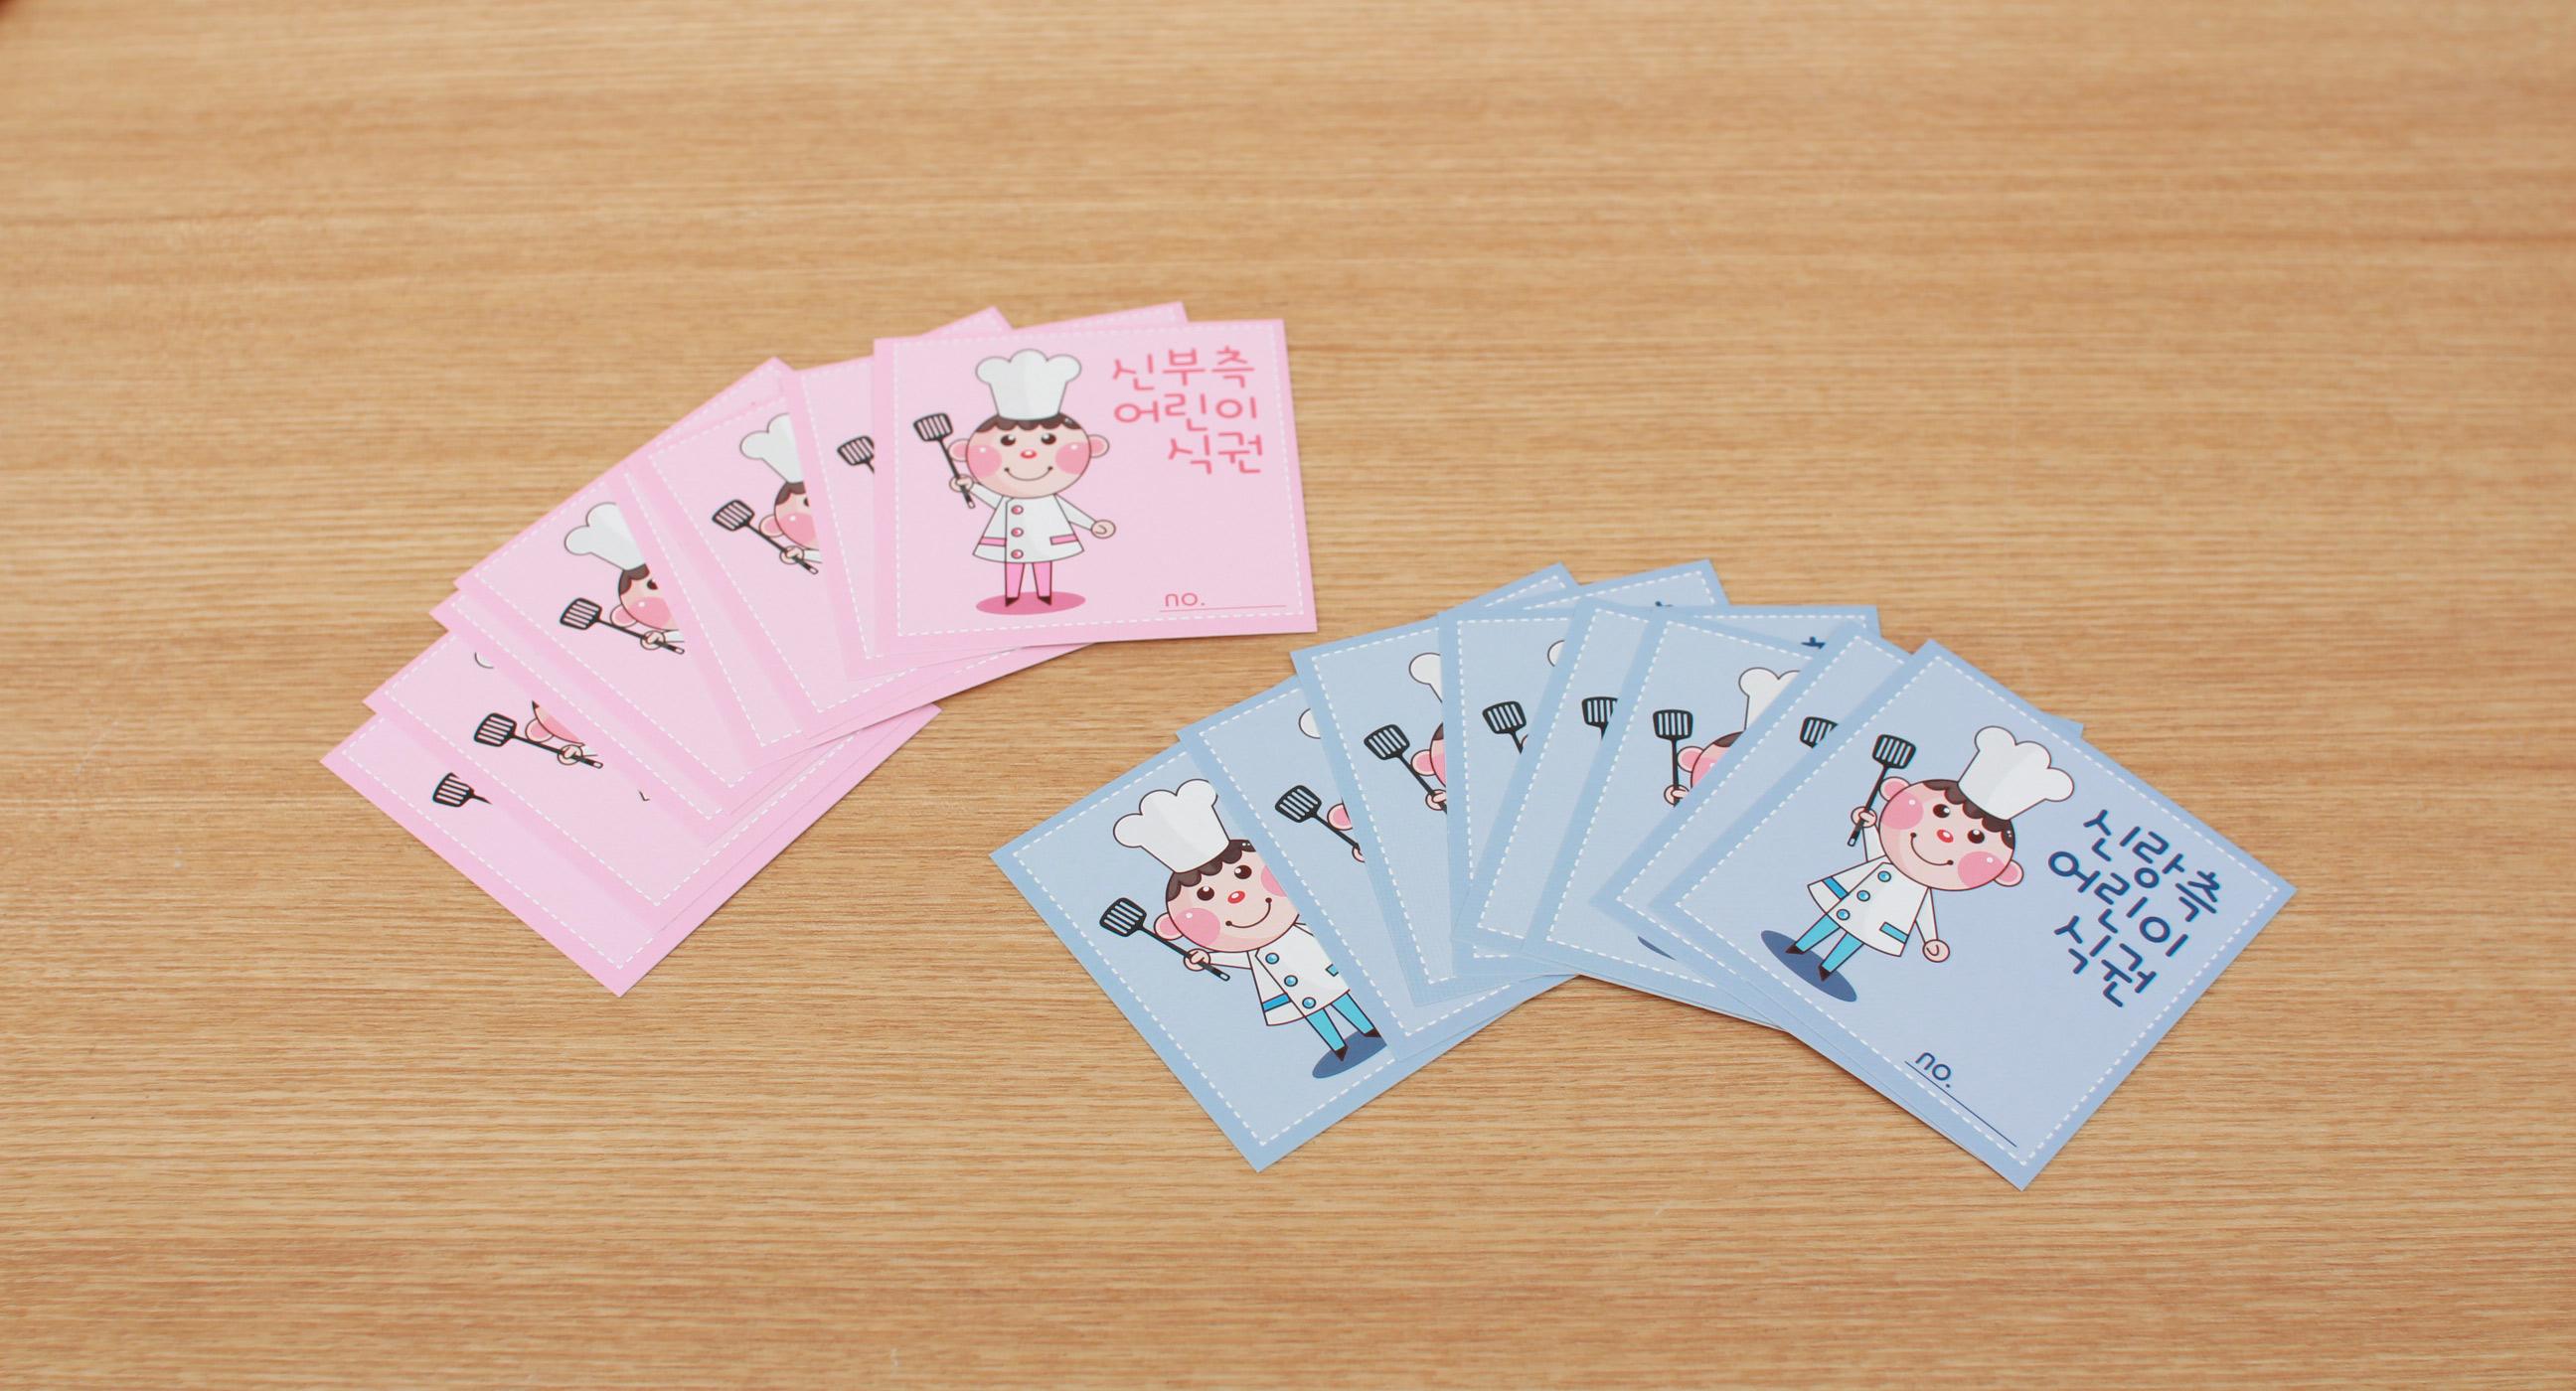 요리사 어린이식권 - 미스타이니, 1,000원, 카드, 시즌/테마 카드